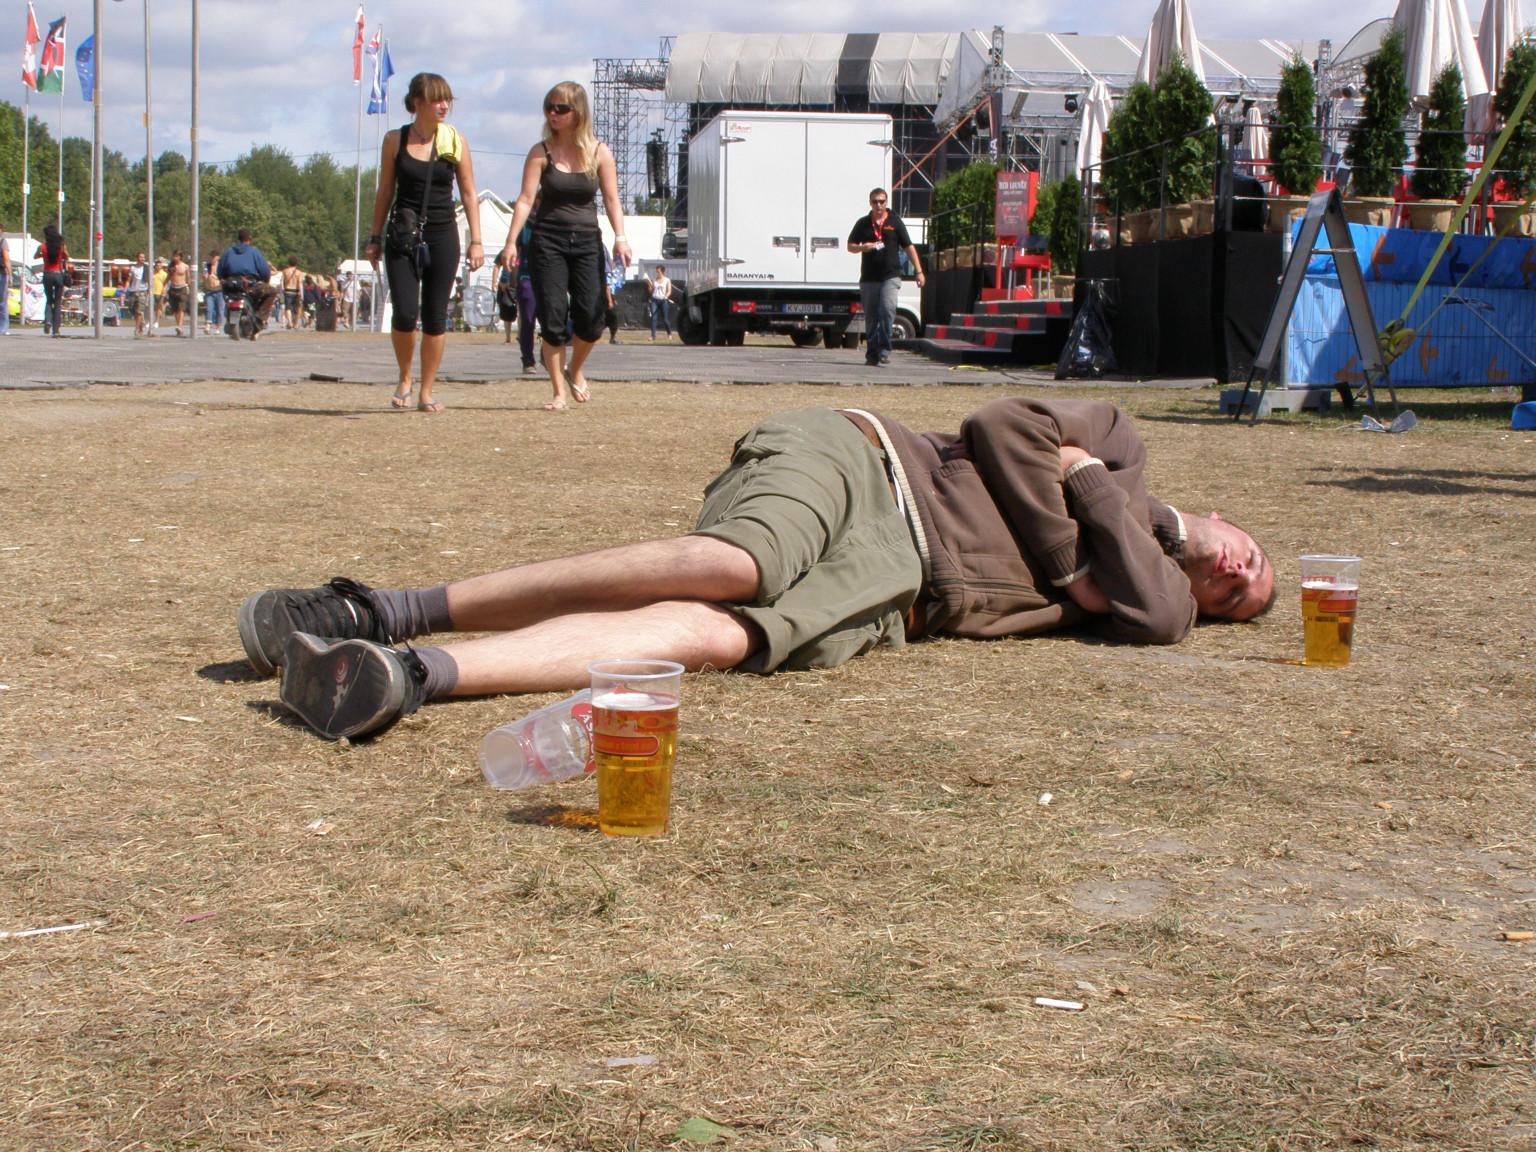 Itt még a fesztivál közben pihenő másik vendég